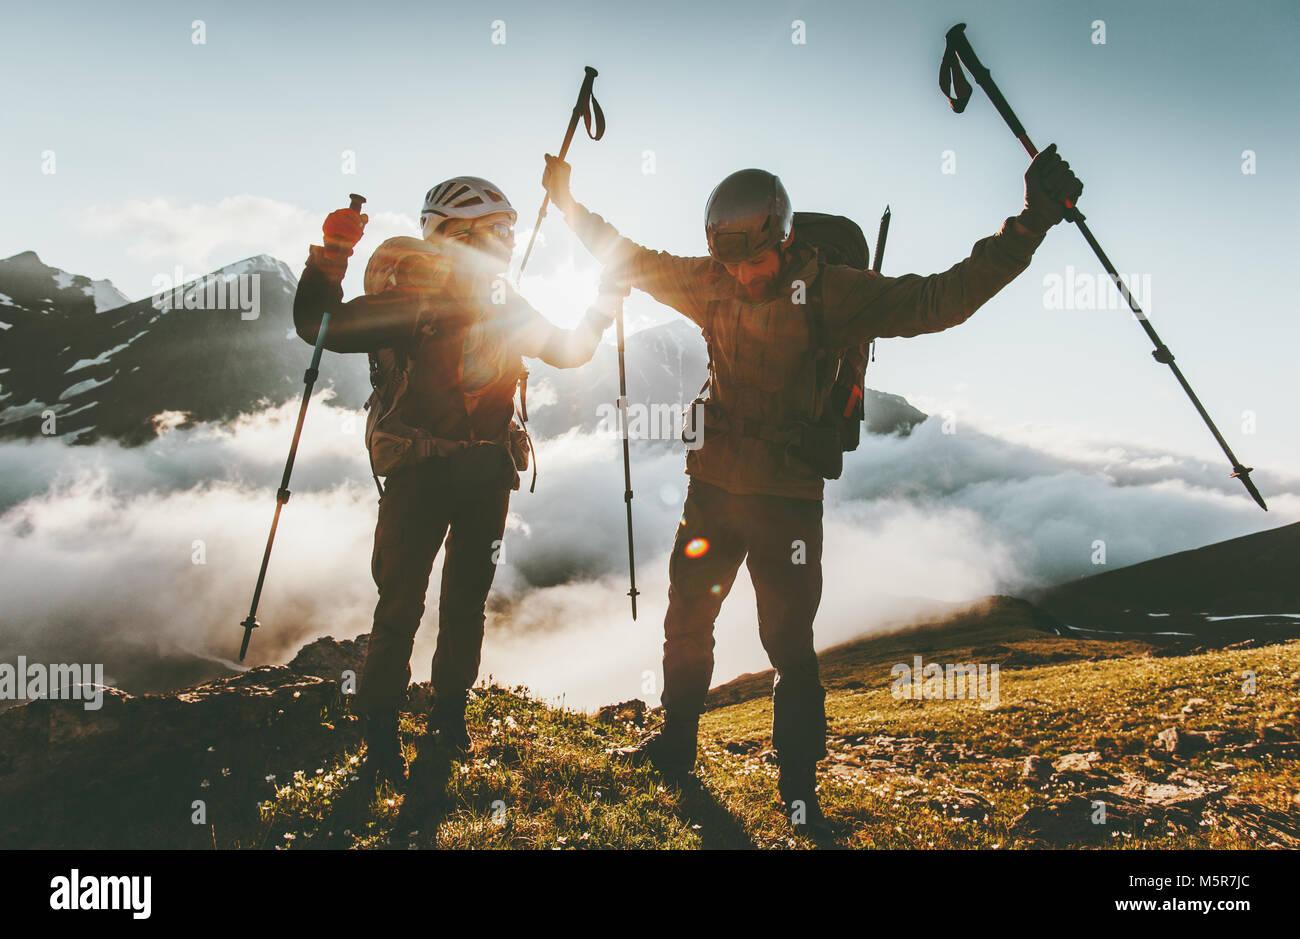 Viagem feliz casal homem e mulher no cume da montanha de amor e aventura caminhadas wanderlust Lifestyle conceito Imagens de Stock